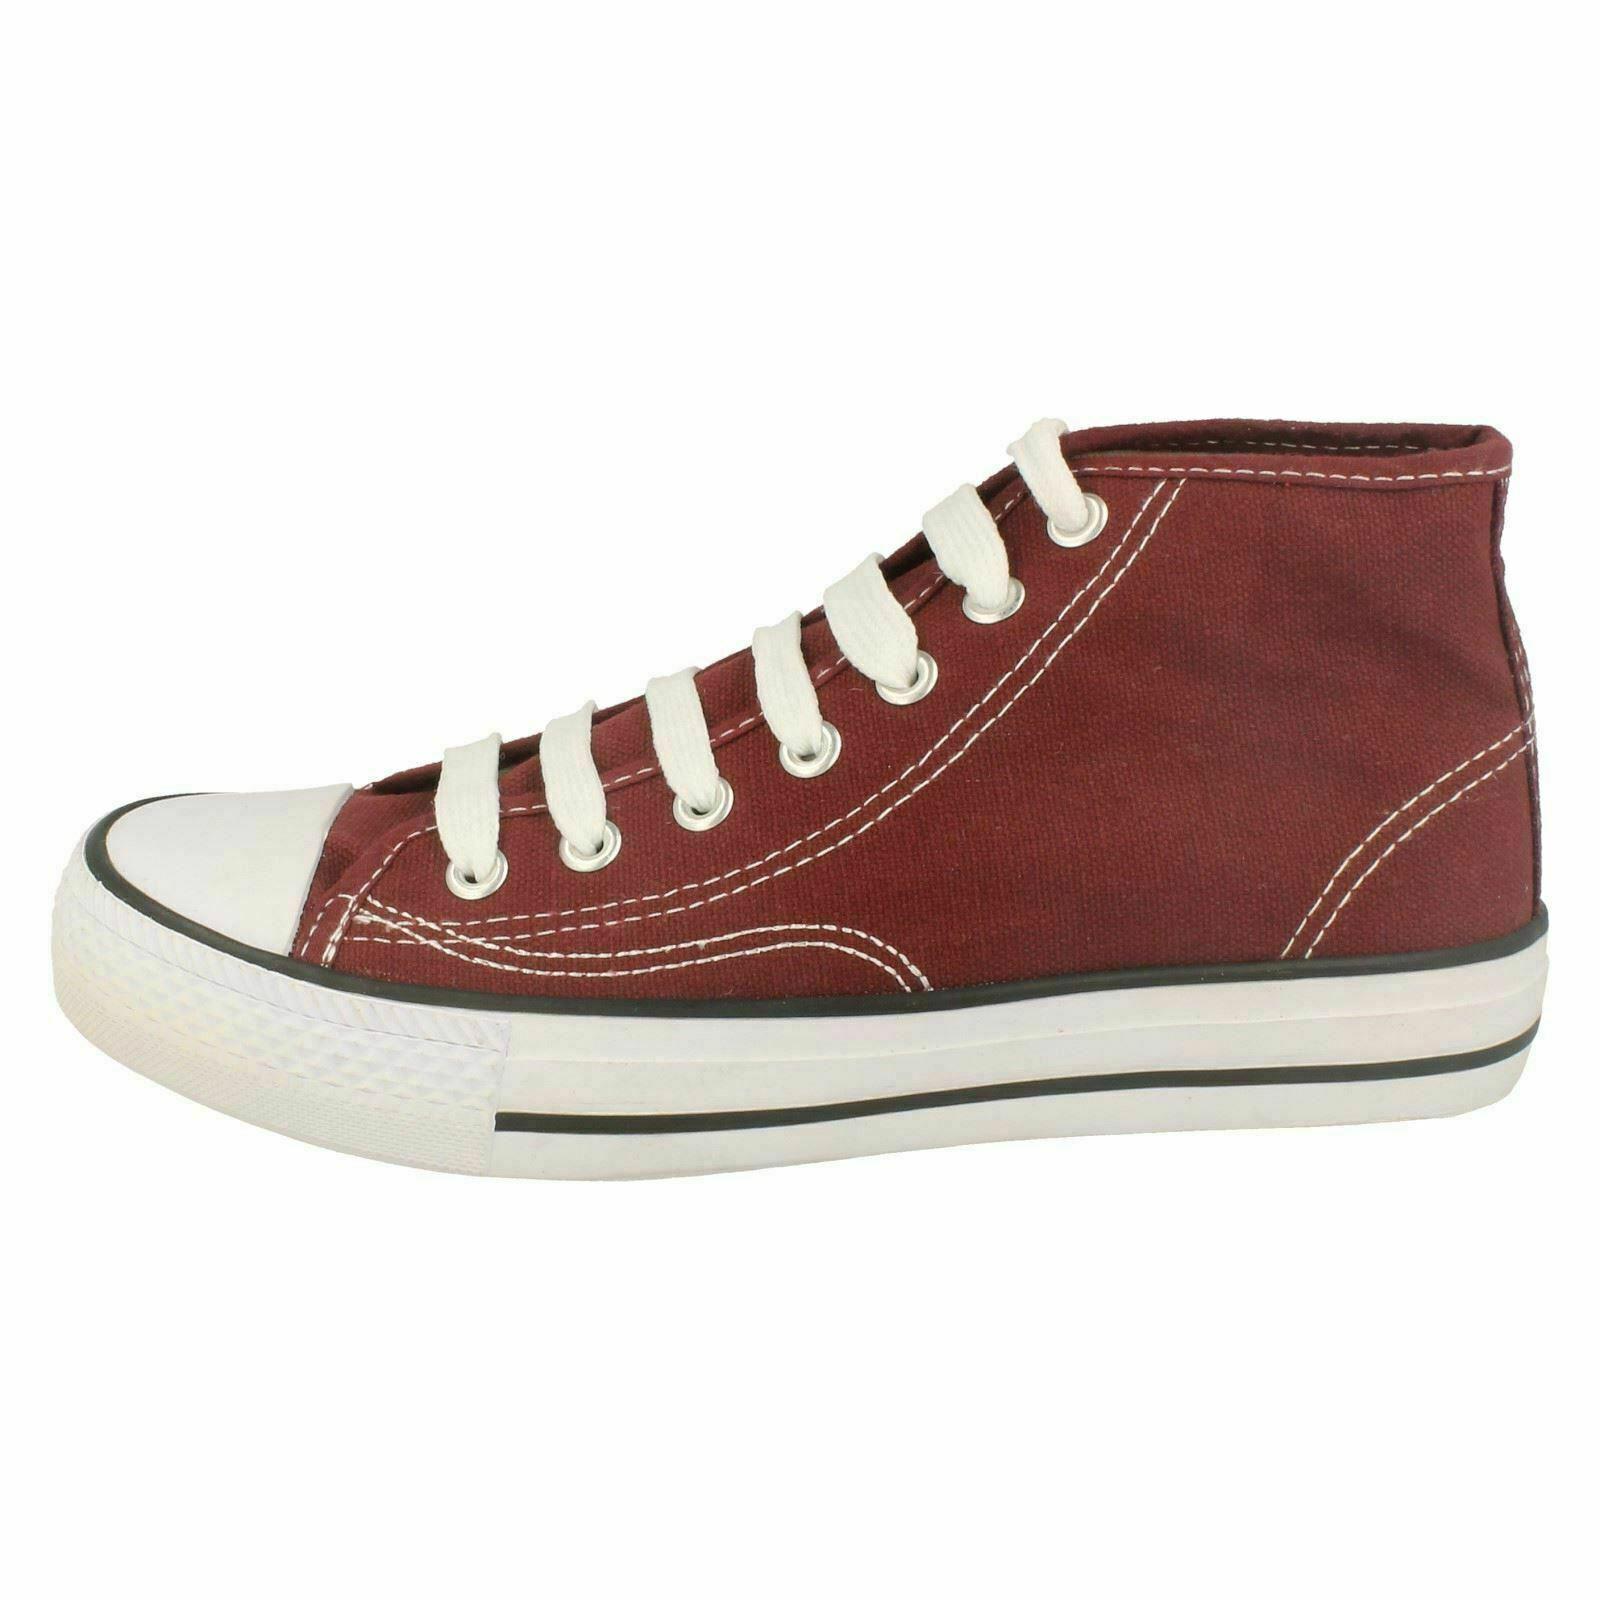 Spot-On-Chaussures-hautes-en-toile-Homme-KM565 miniature 14